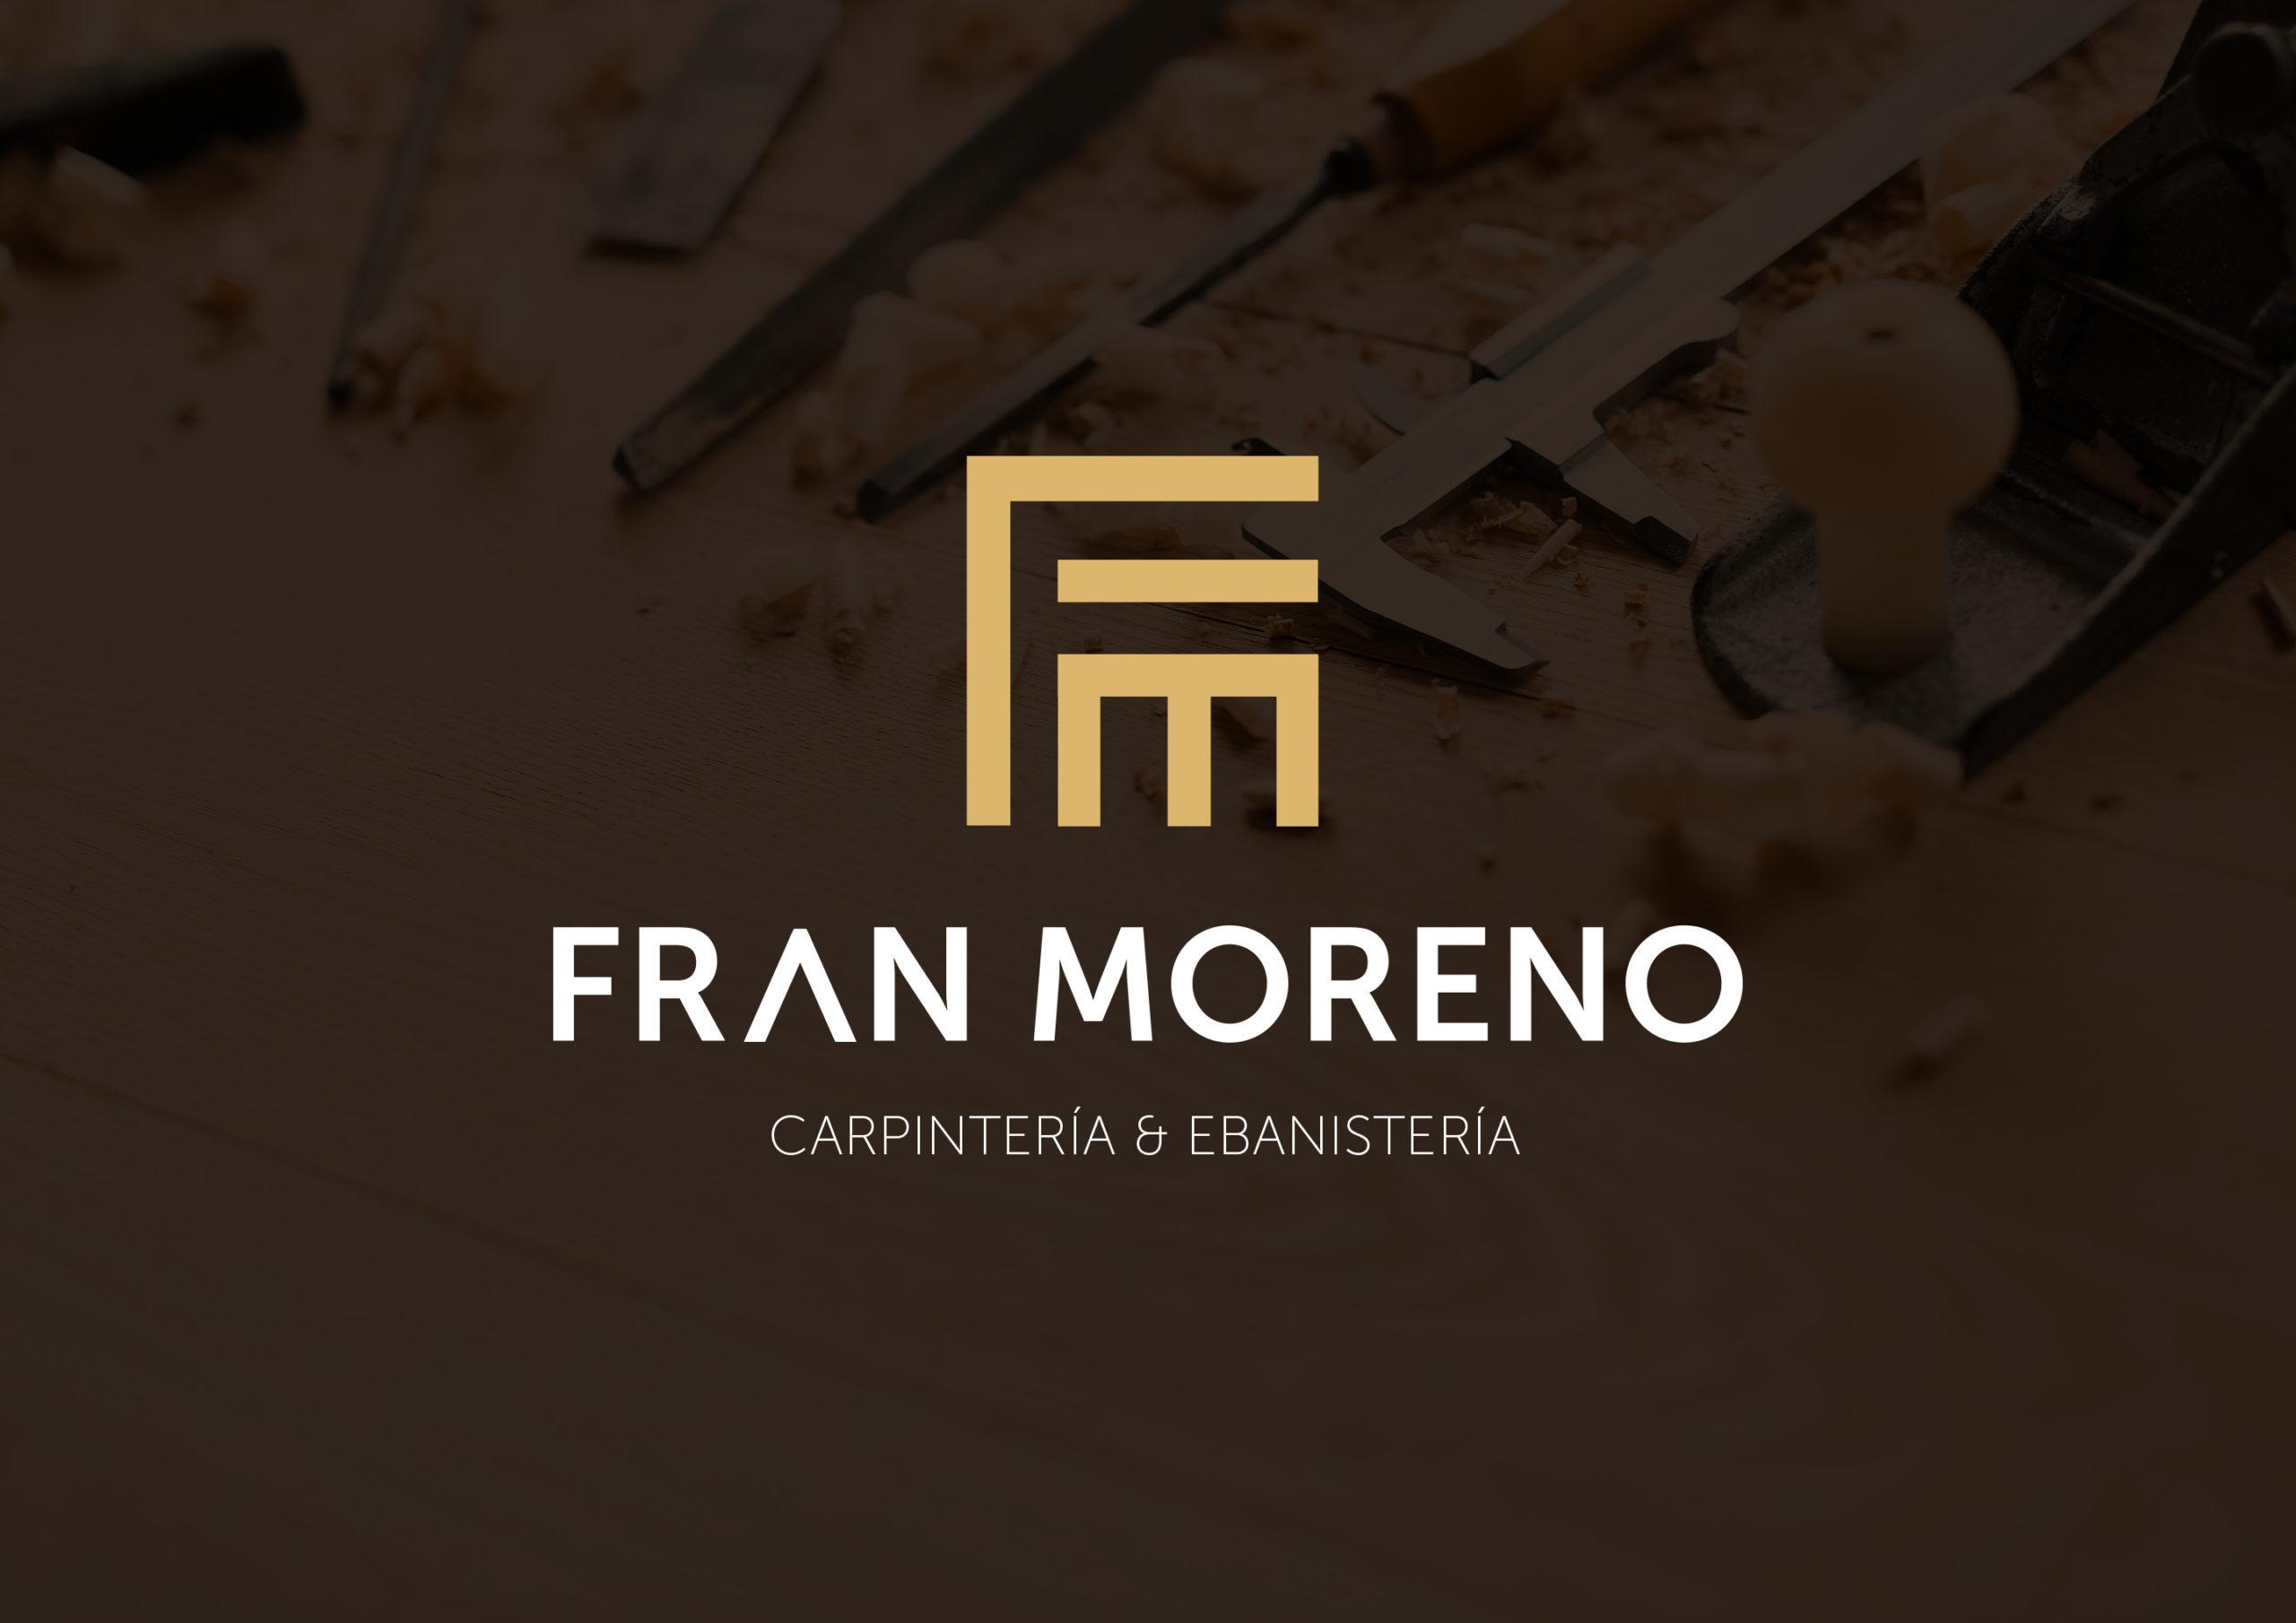 Identidad Visual 1 Logotipo para Fran Moreno